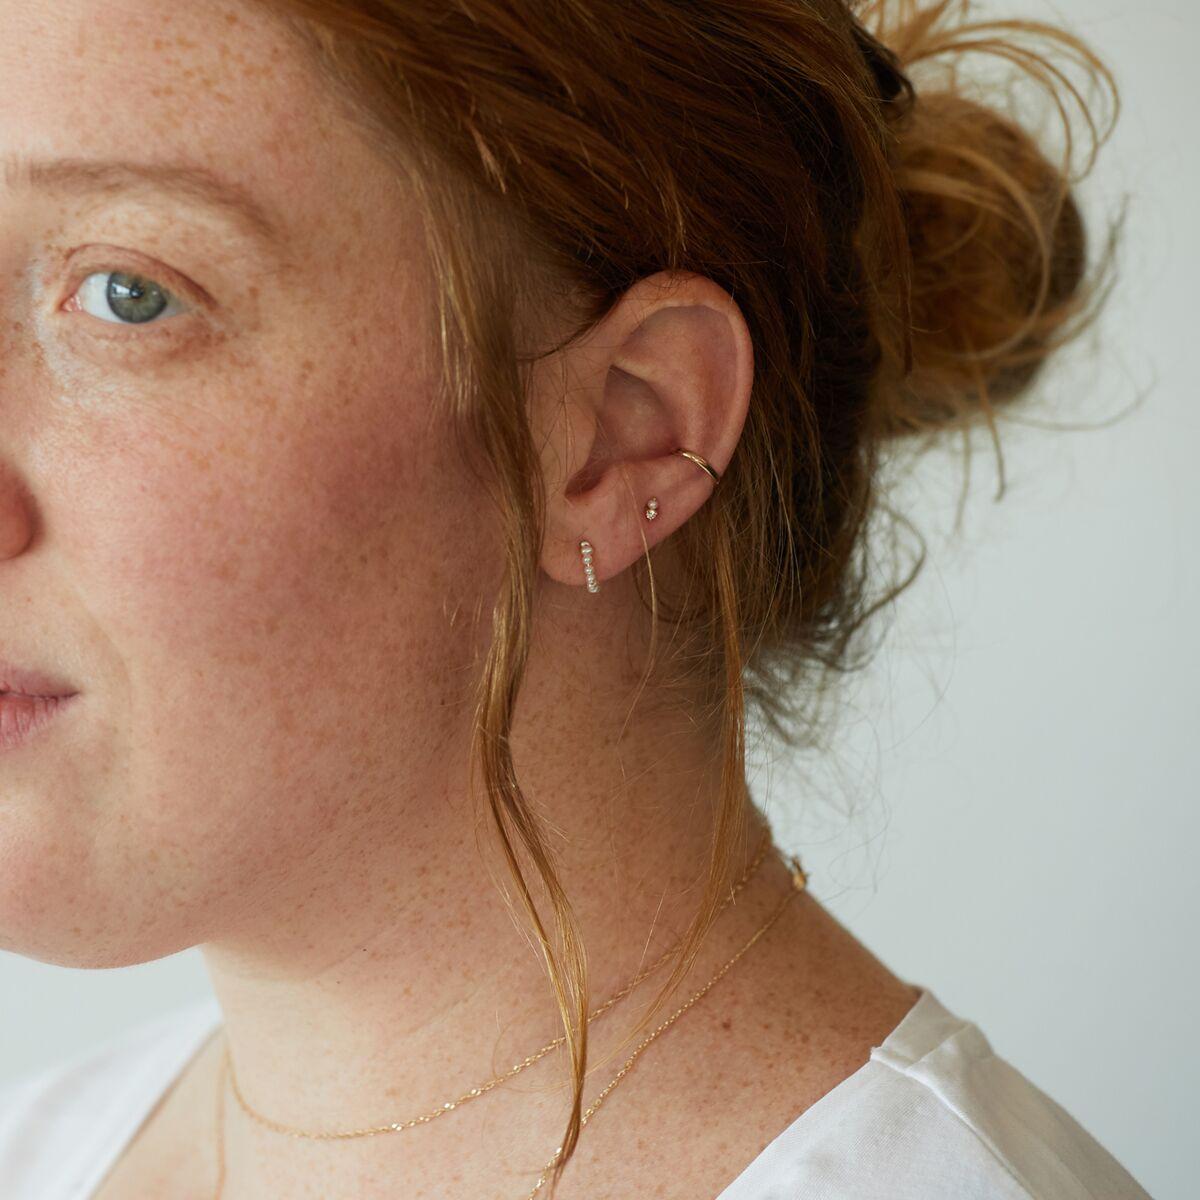 Baby Pearl Hoop (single) image